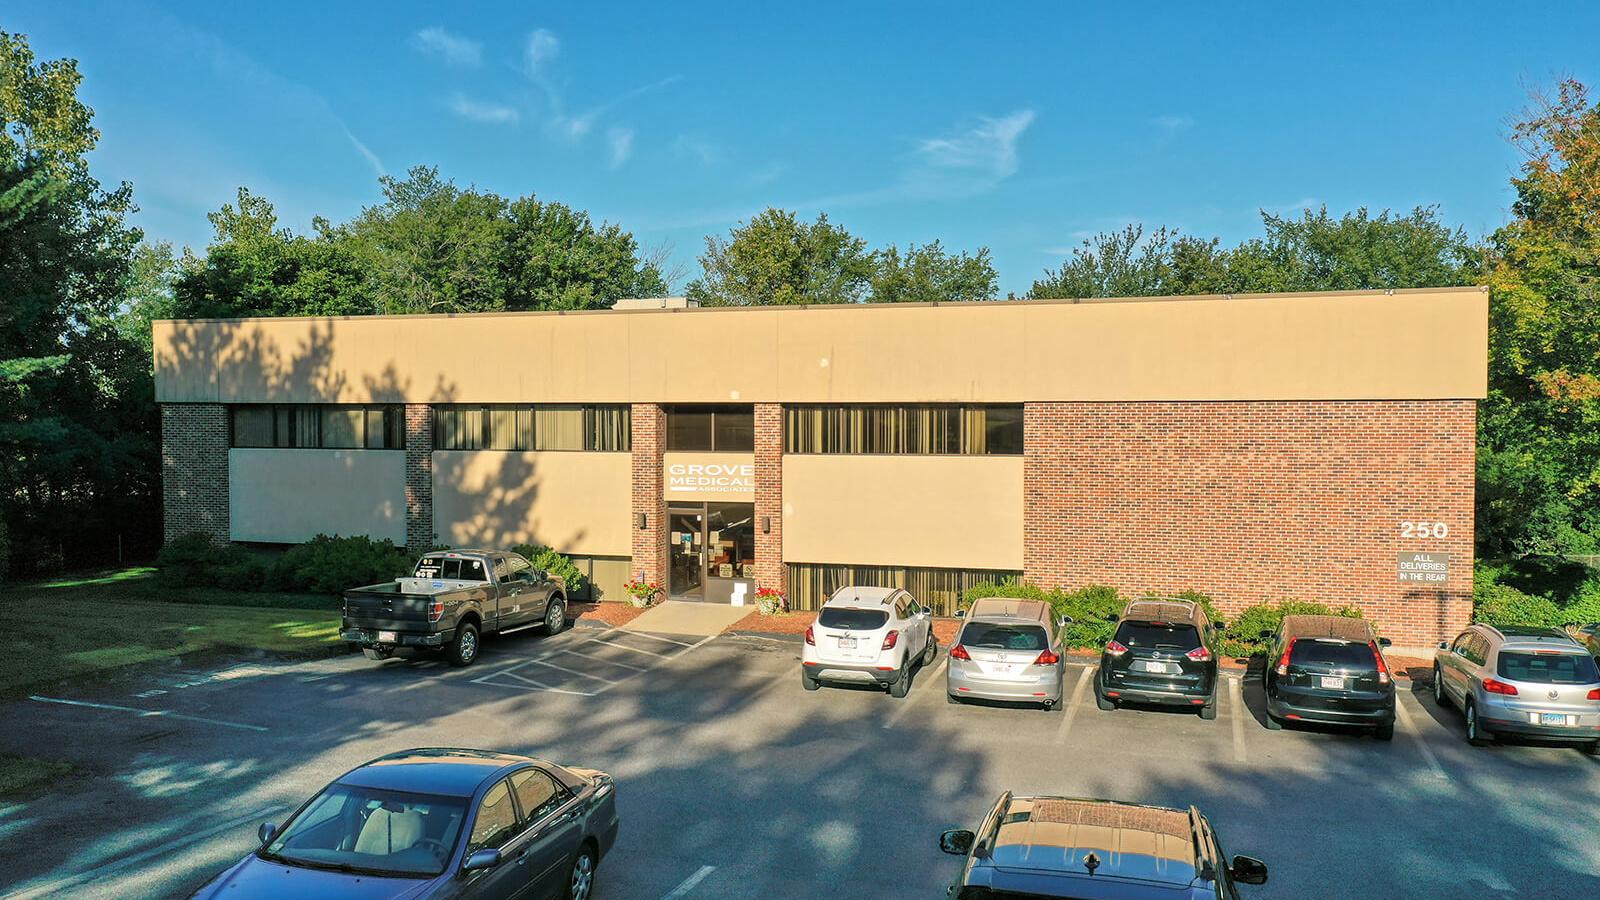 250 Hampton Street, Auburn, Massachusetts 01501, Office,For Lease,Hampton Street,1352